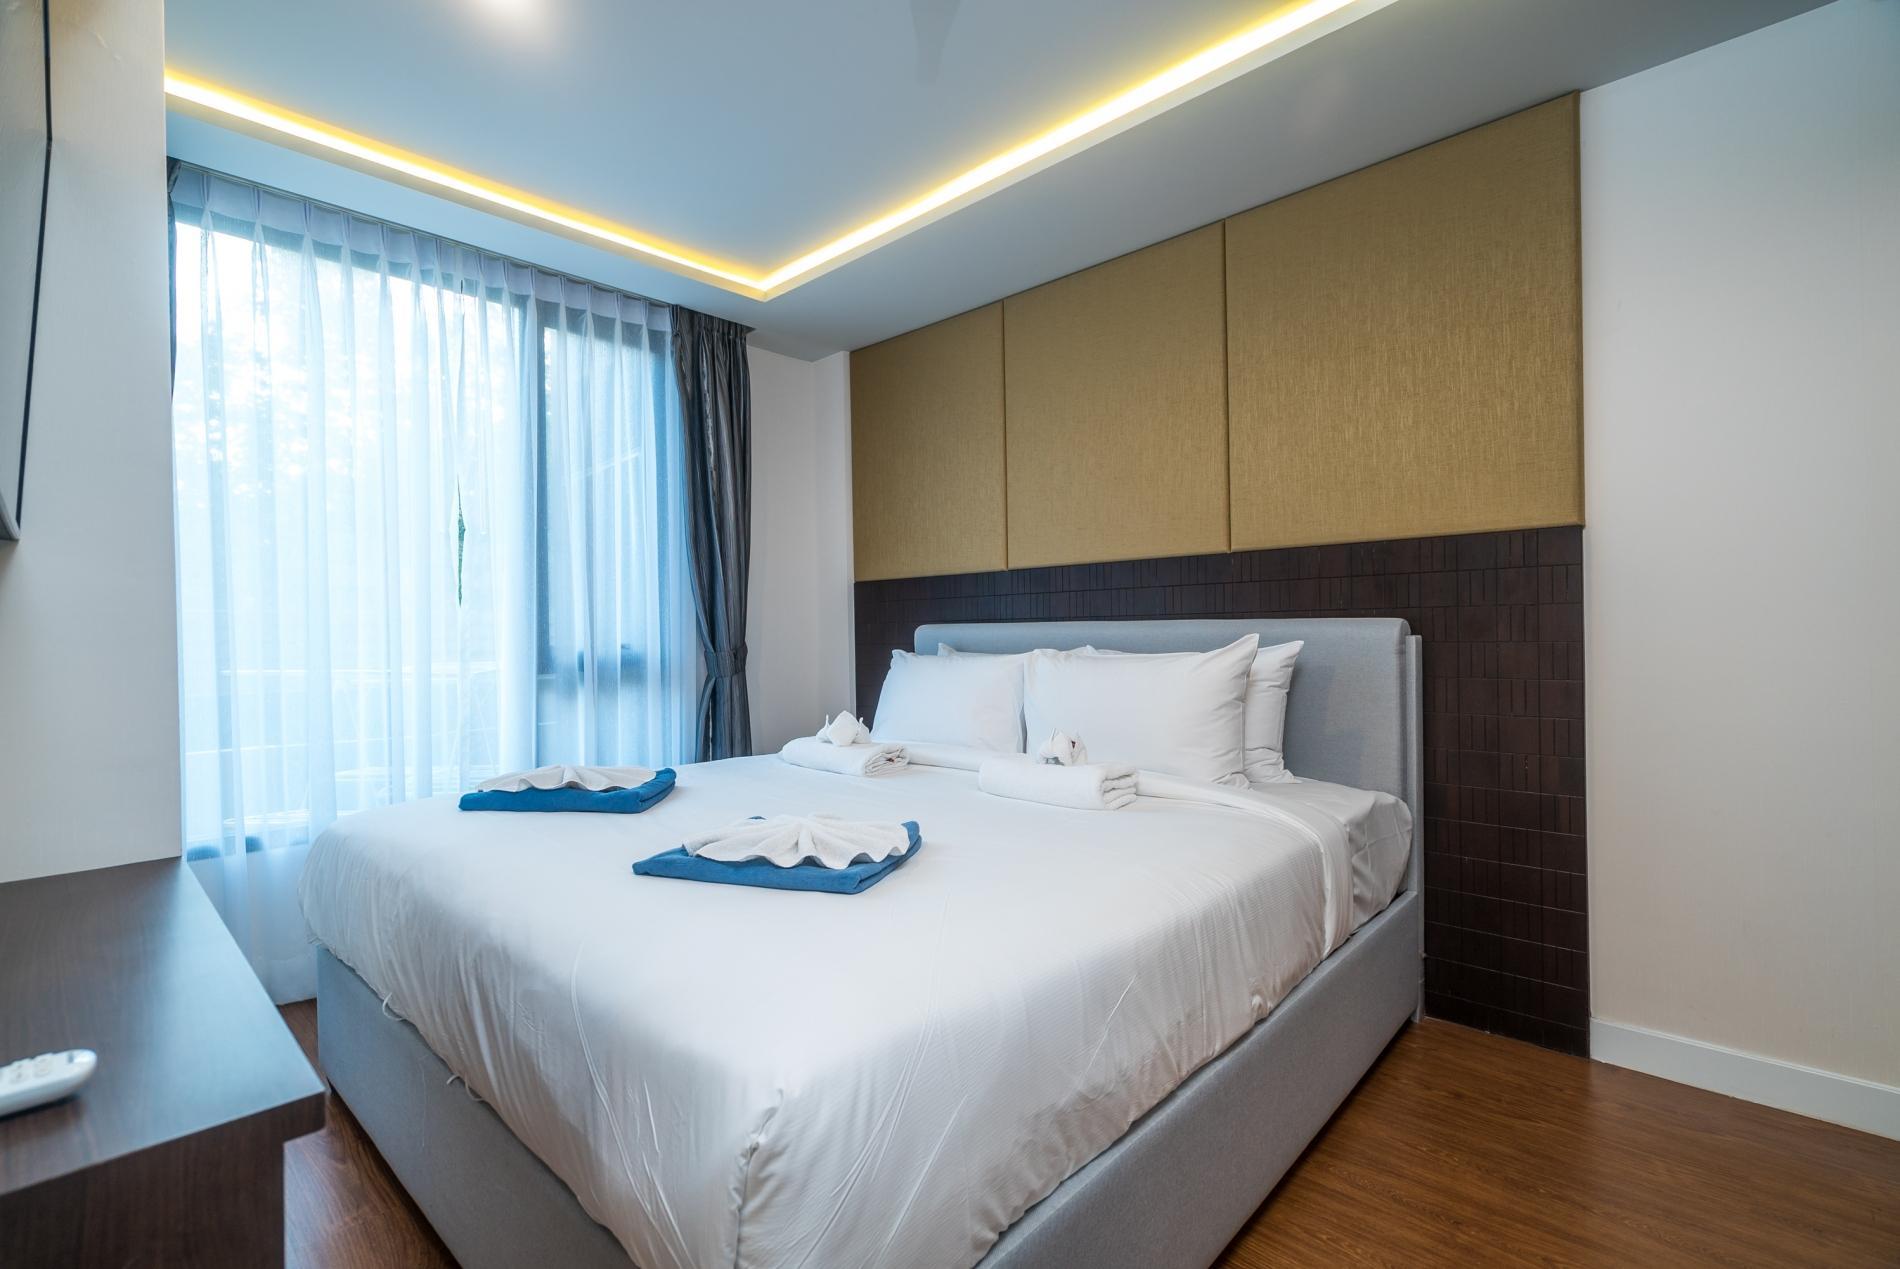 Apartment Aristo 216 - Pool access duplex in Surin condo for 4 people photo 20258426